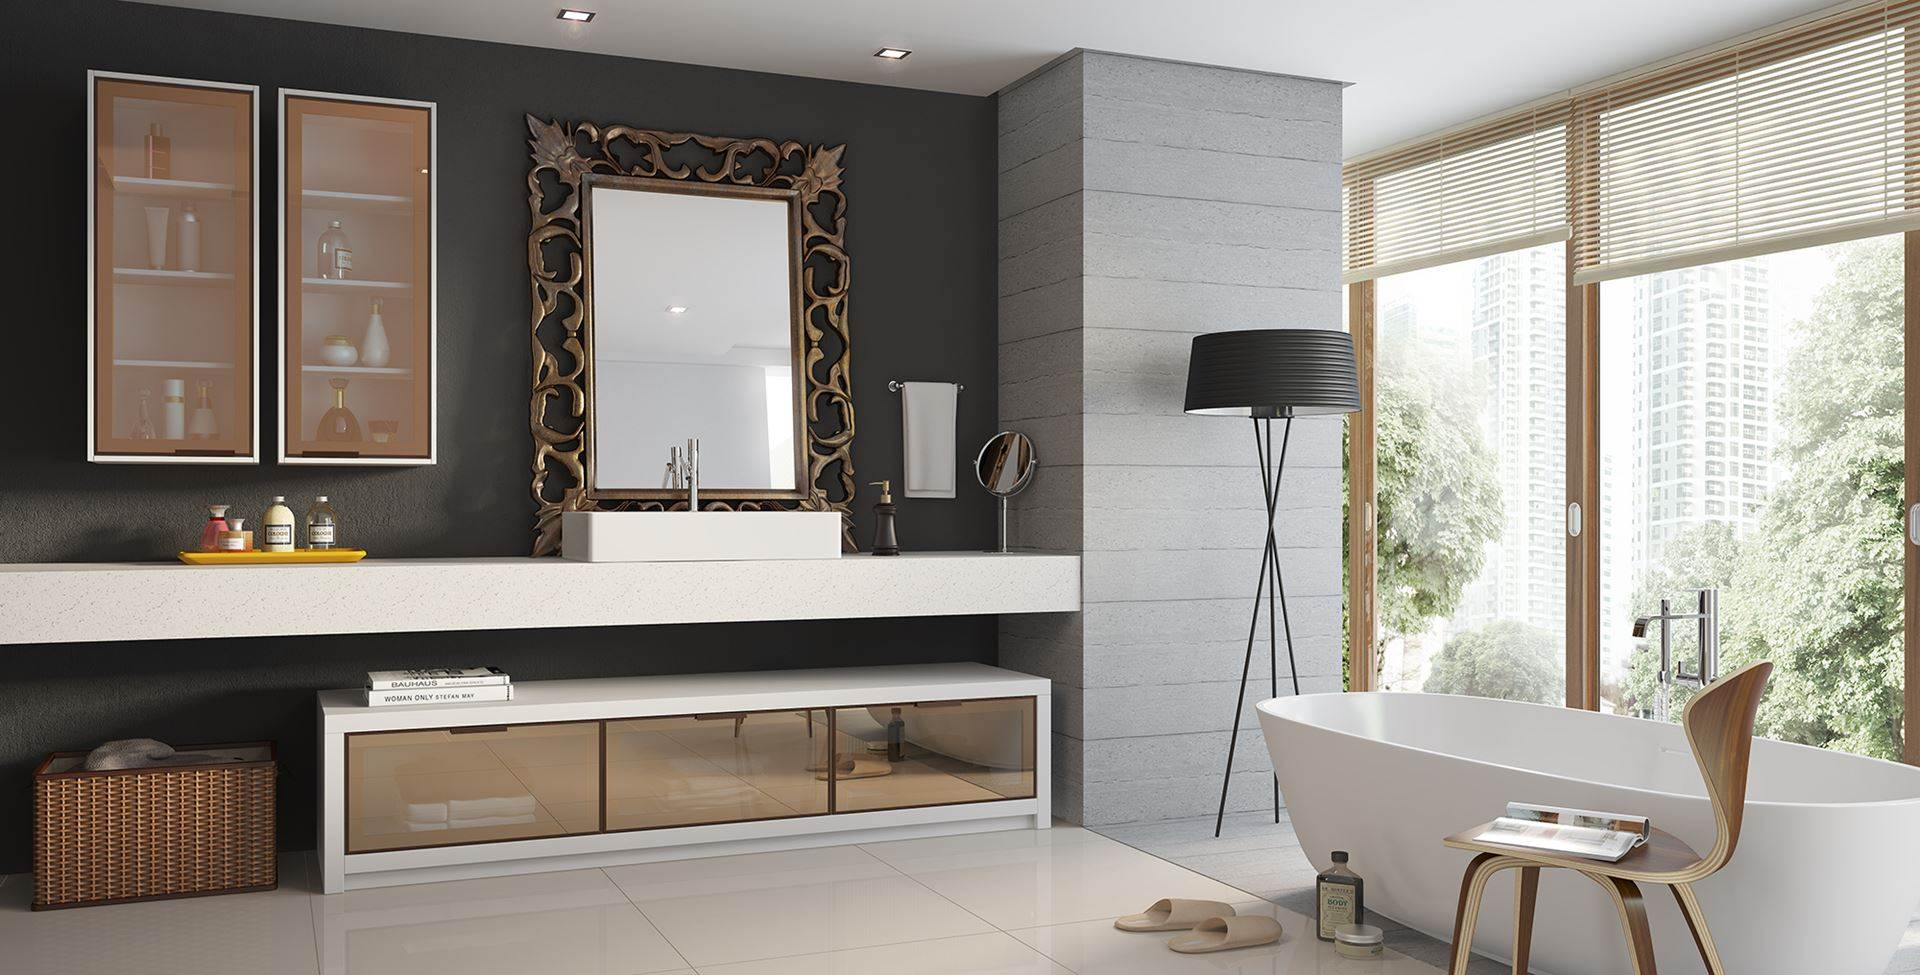 Banheiros Planejados 60+ Modelos e Fotos Incríveis! -> Banheiro Planejado Pia